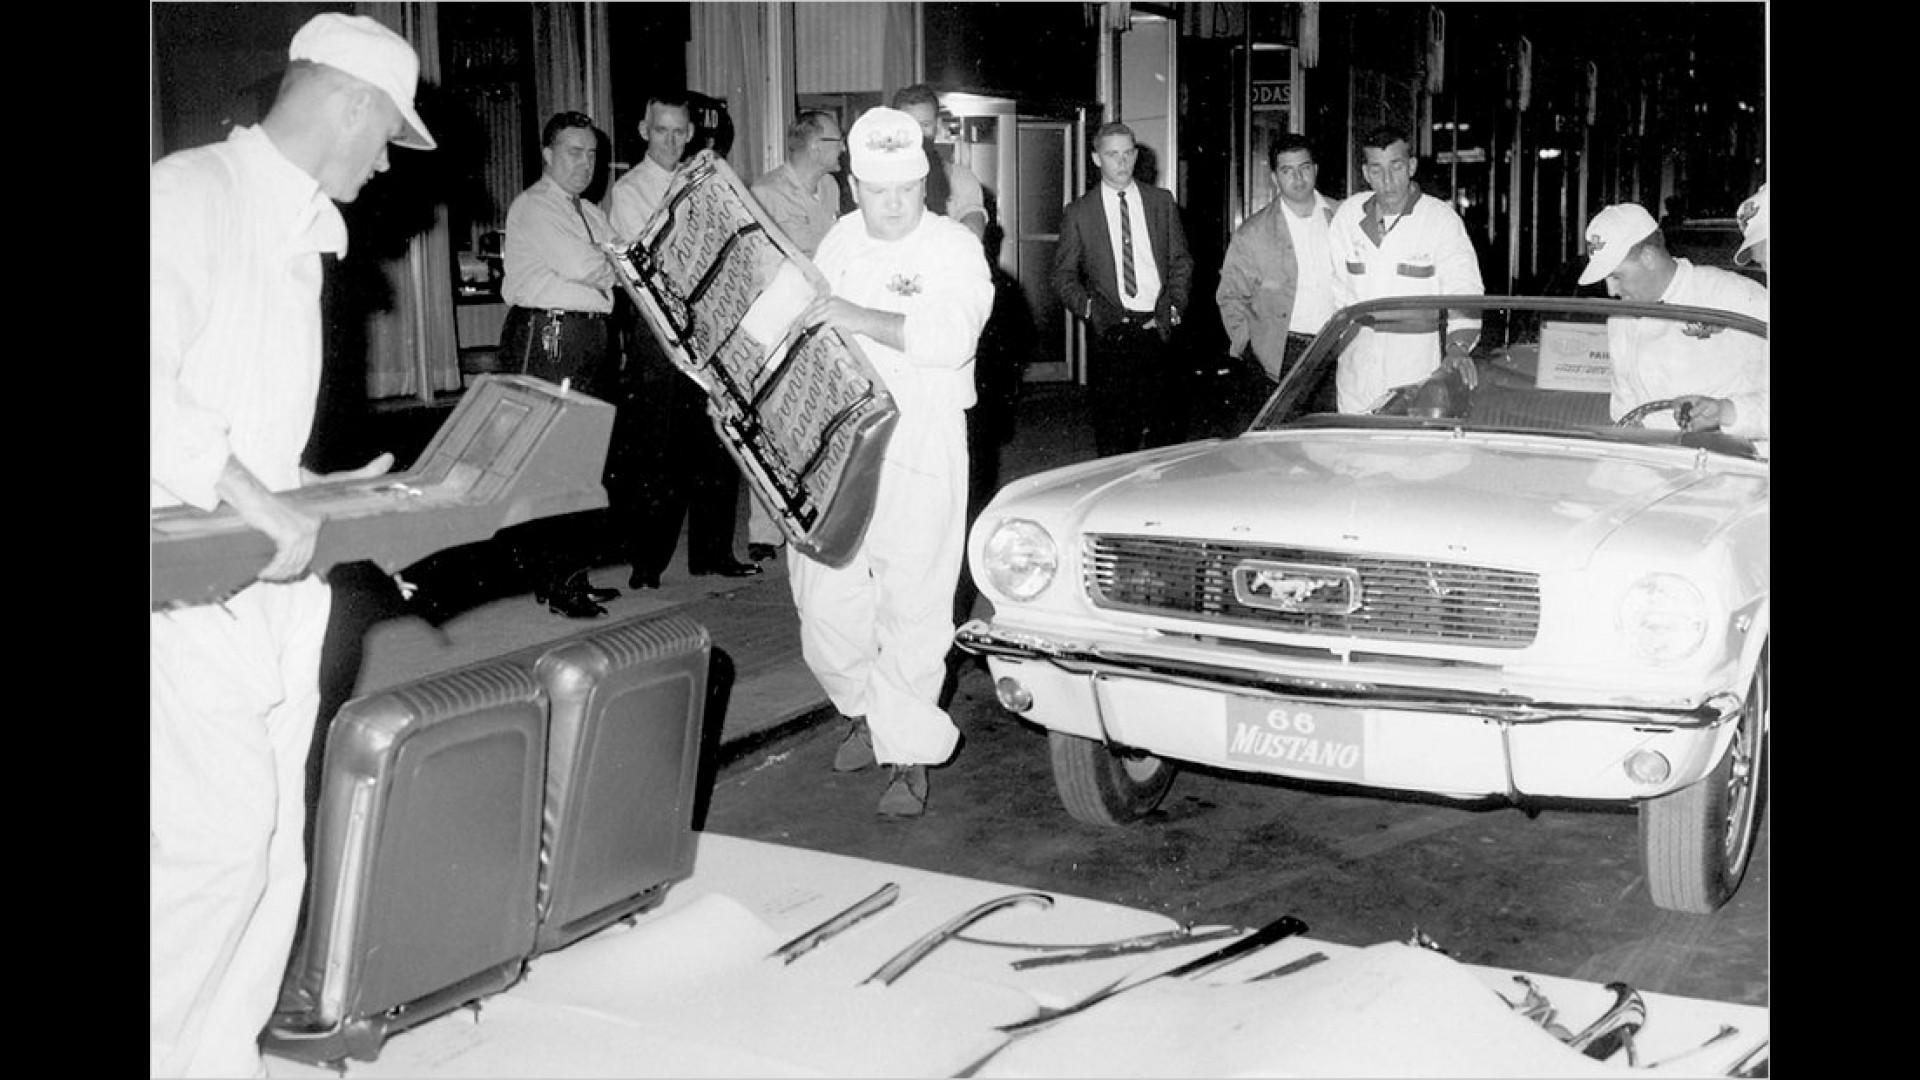 В 1965 году предприниматель Хайнц Прехтер основал в Лос-Анджелесе American Sunroof Company